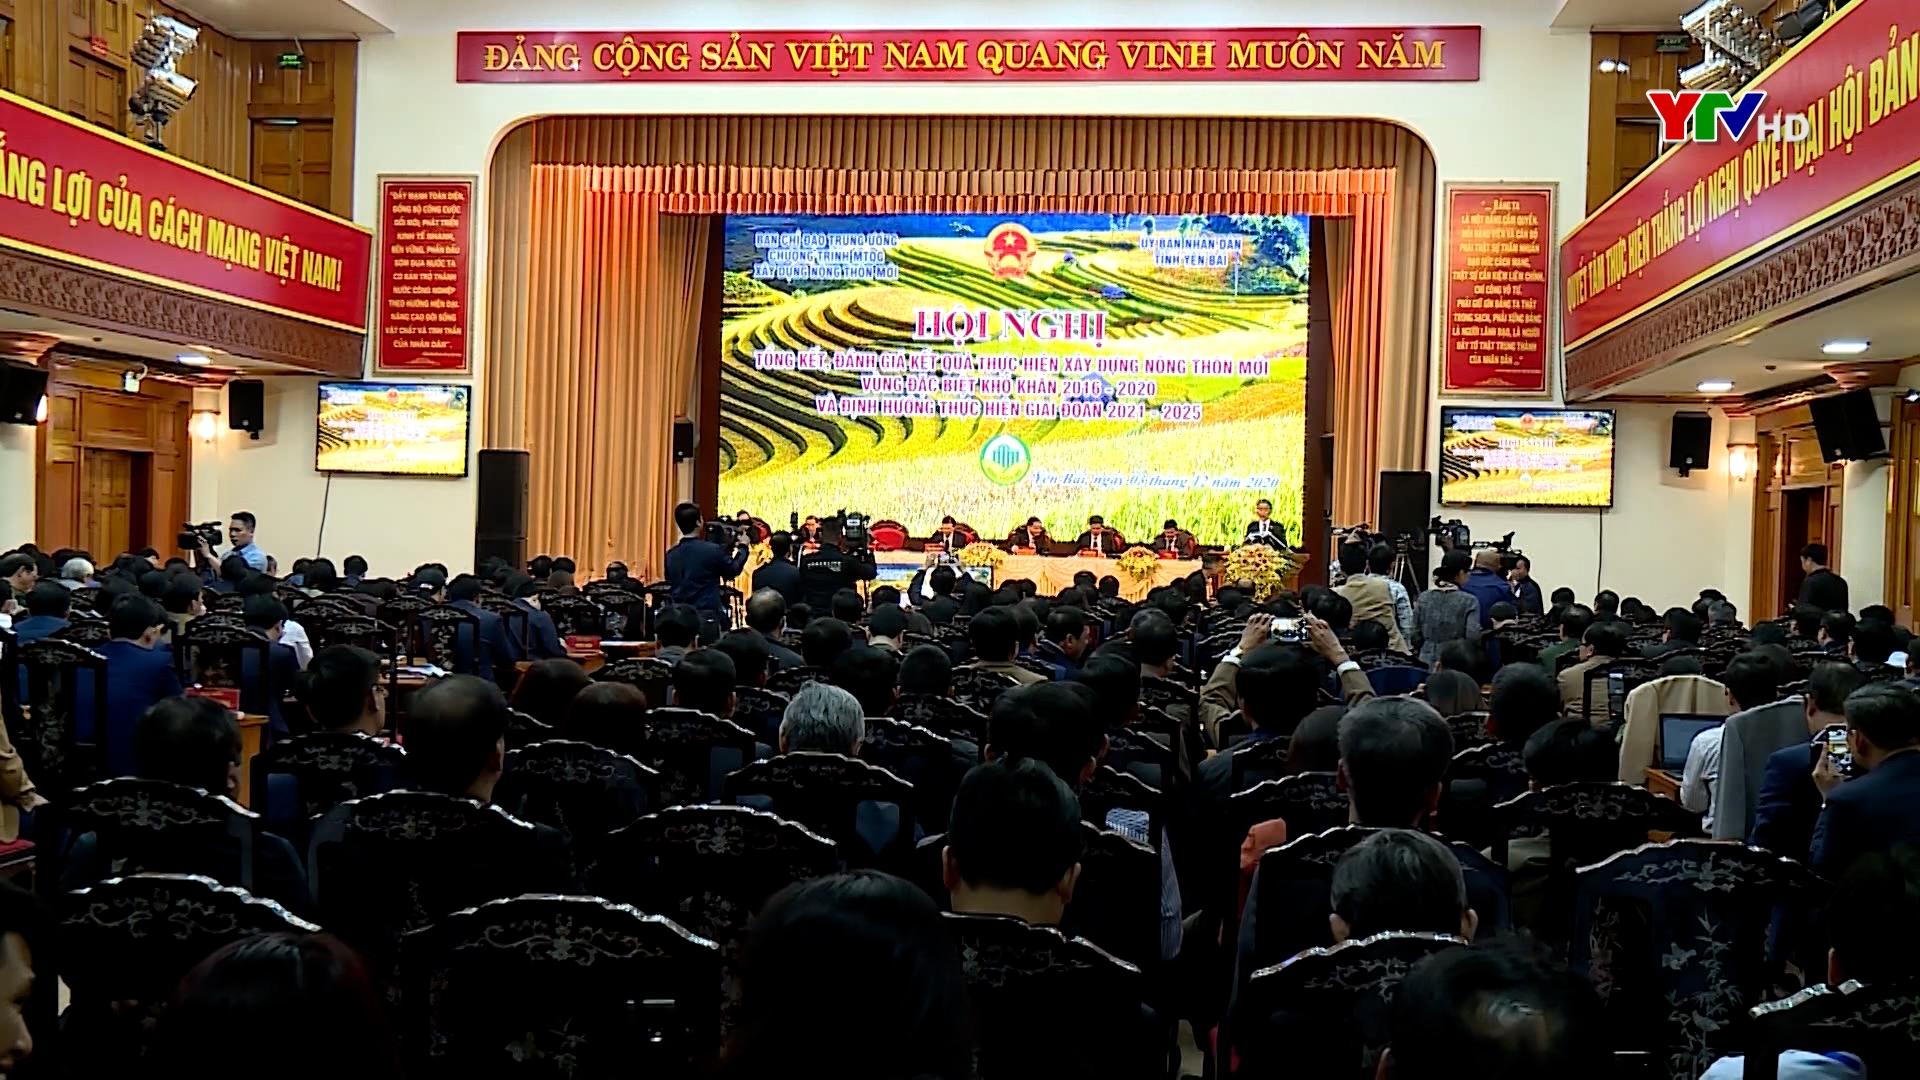 Hội nghị tổng kết xây dựng nông thôn mới vùng đặc biệt khó khăn giai đoạn 2016 - 2020, định hướng giai đoạn 2021 - 2025